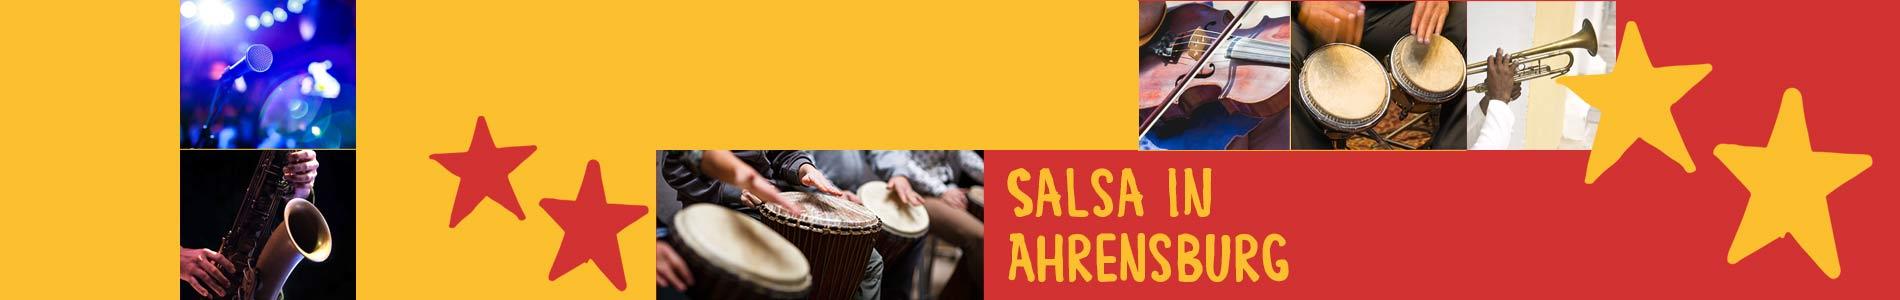 Salsa in Ahrensburg – Salsa lernen und tanzen, Tanzkurse, Partys, Veranstaltungen